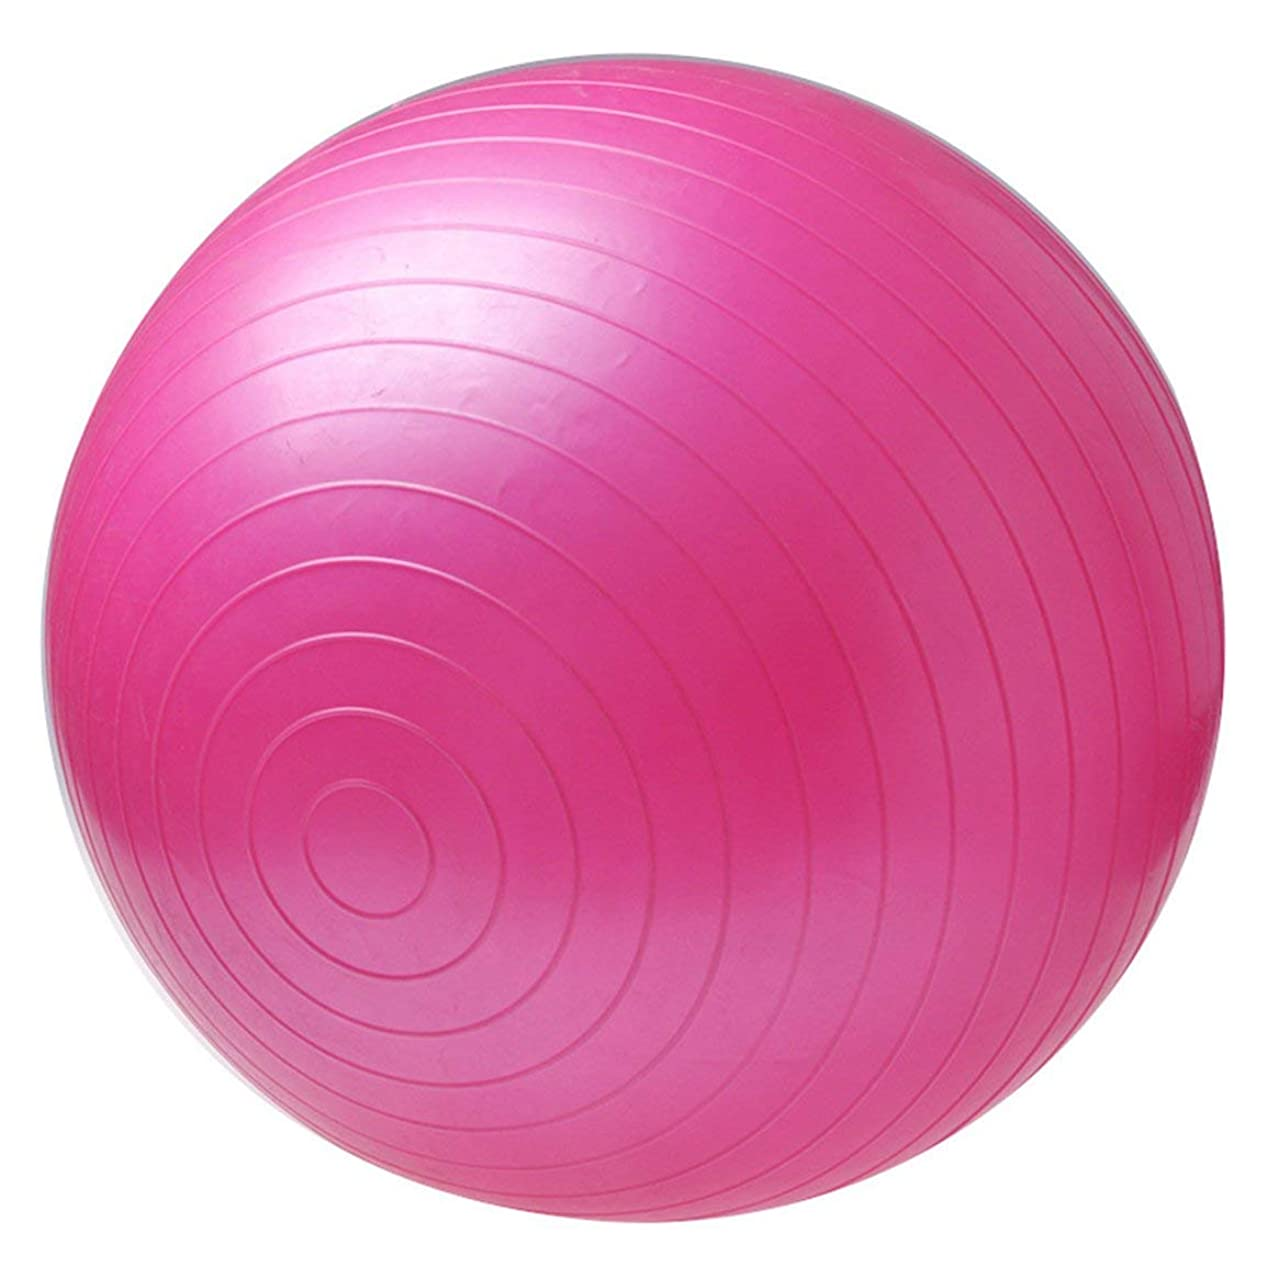 時折蚊風味無毒スポーツヨーガボールボラピラティスフィッティングネットワークバランスフィッティングボールエクササイズピラティスエクササイズメッセージボール(ピンク)